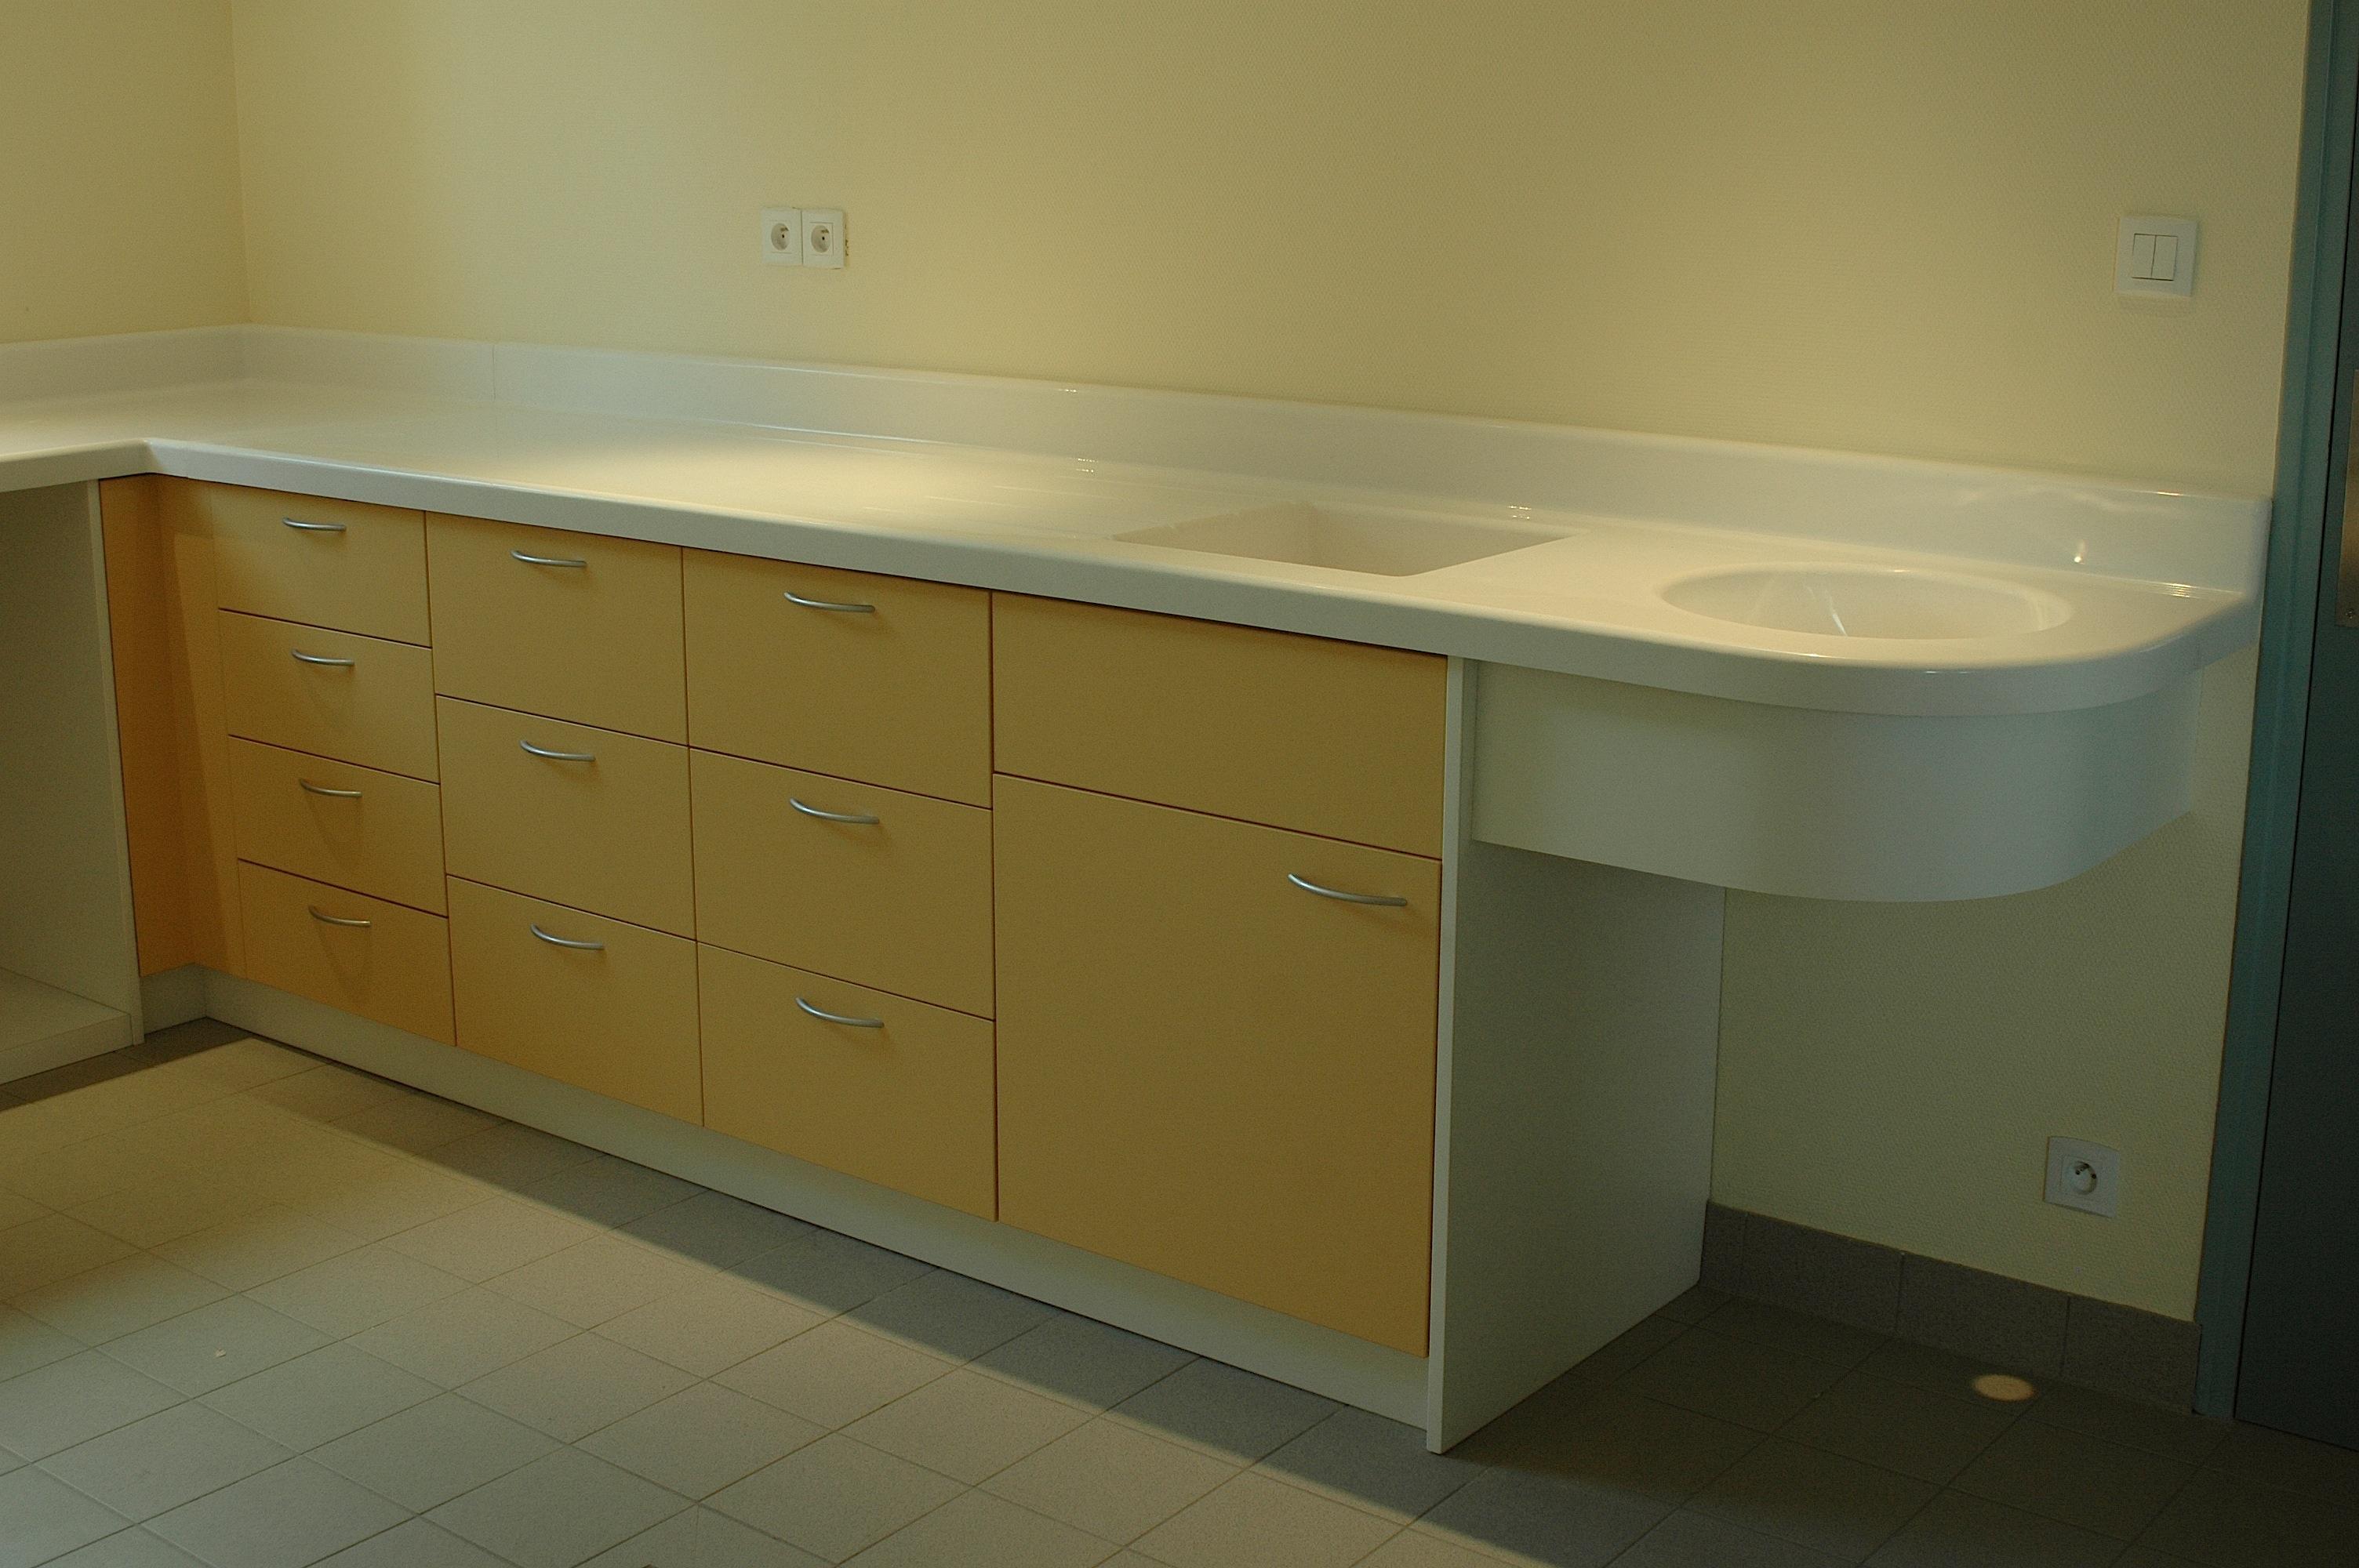 Paillasse salle images for Salle de bain humide